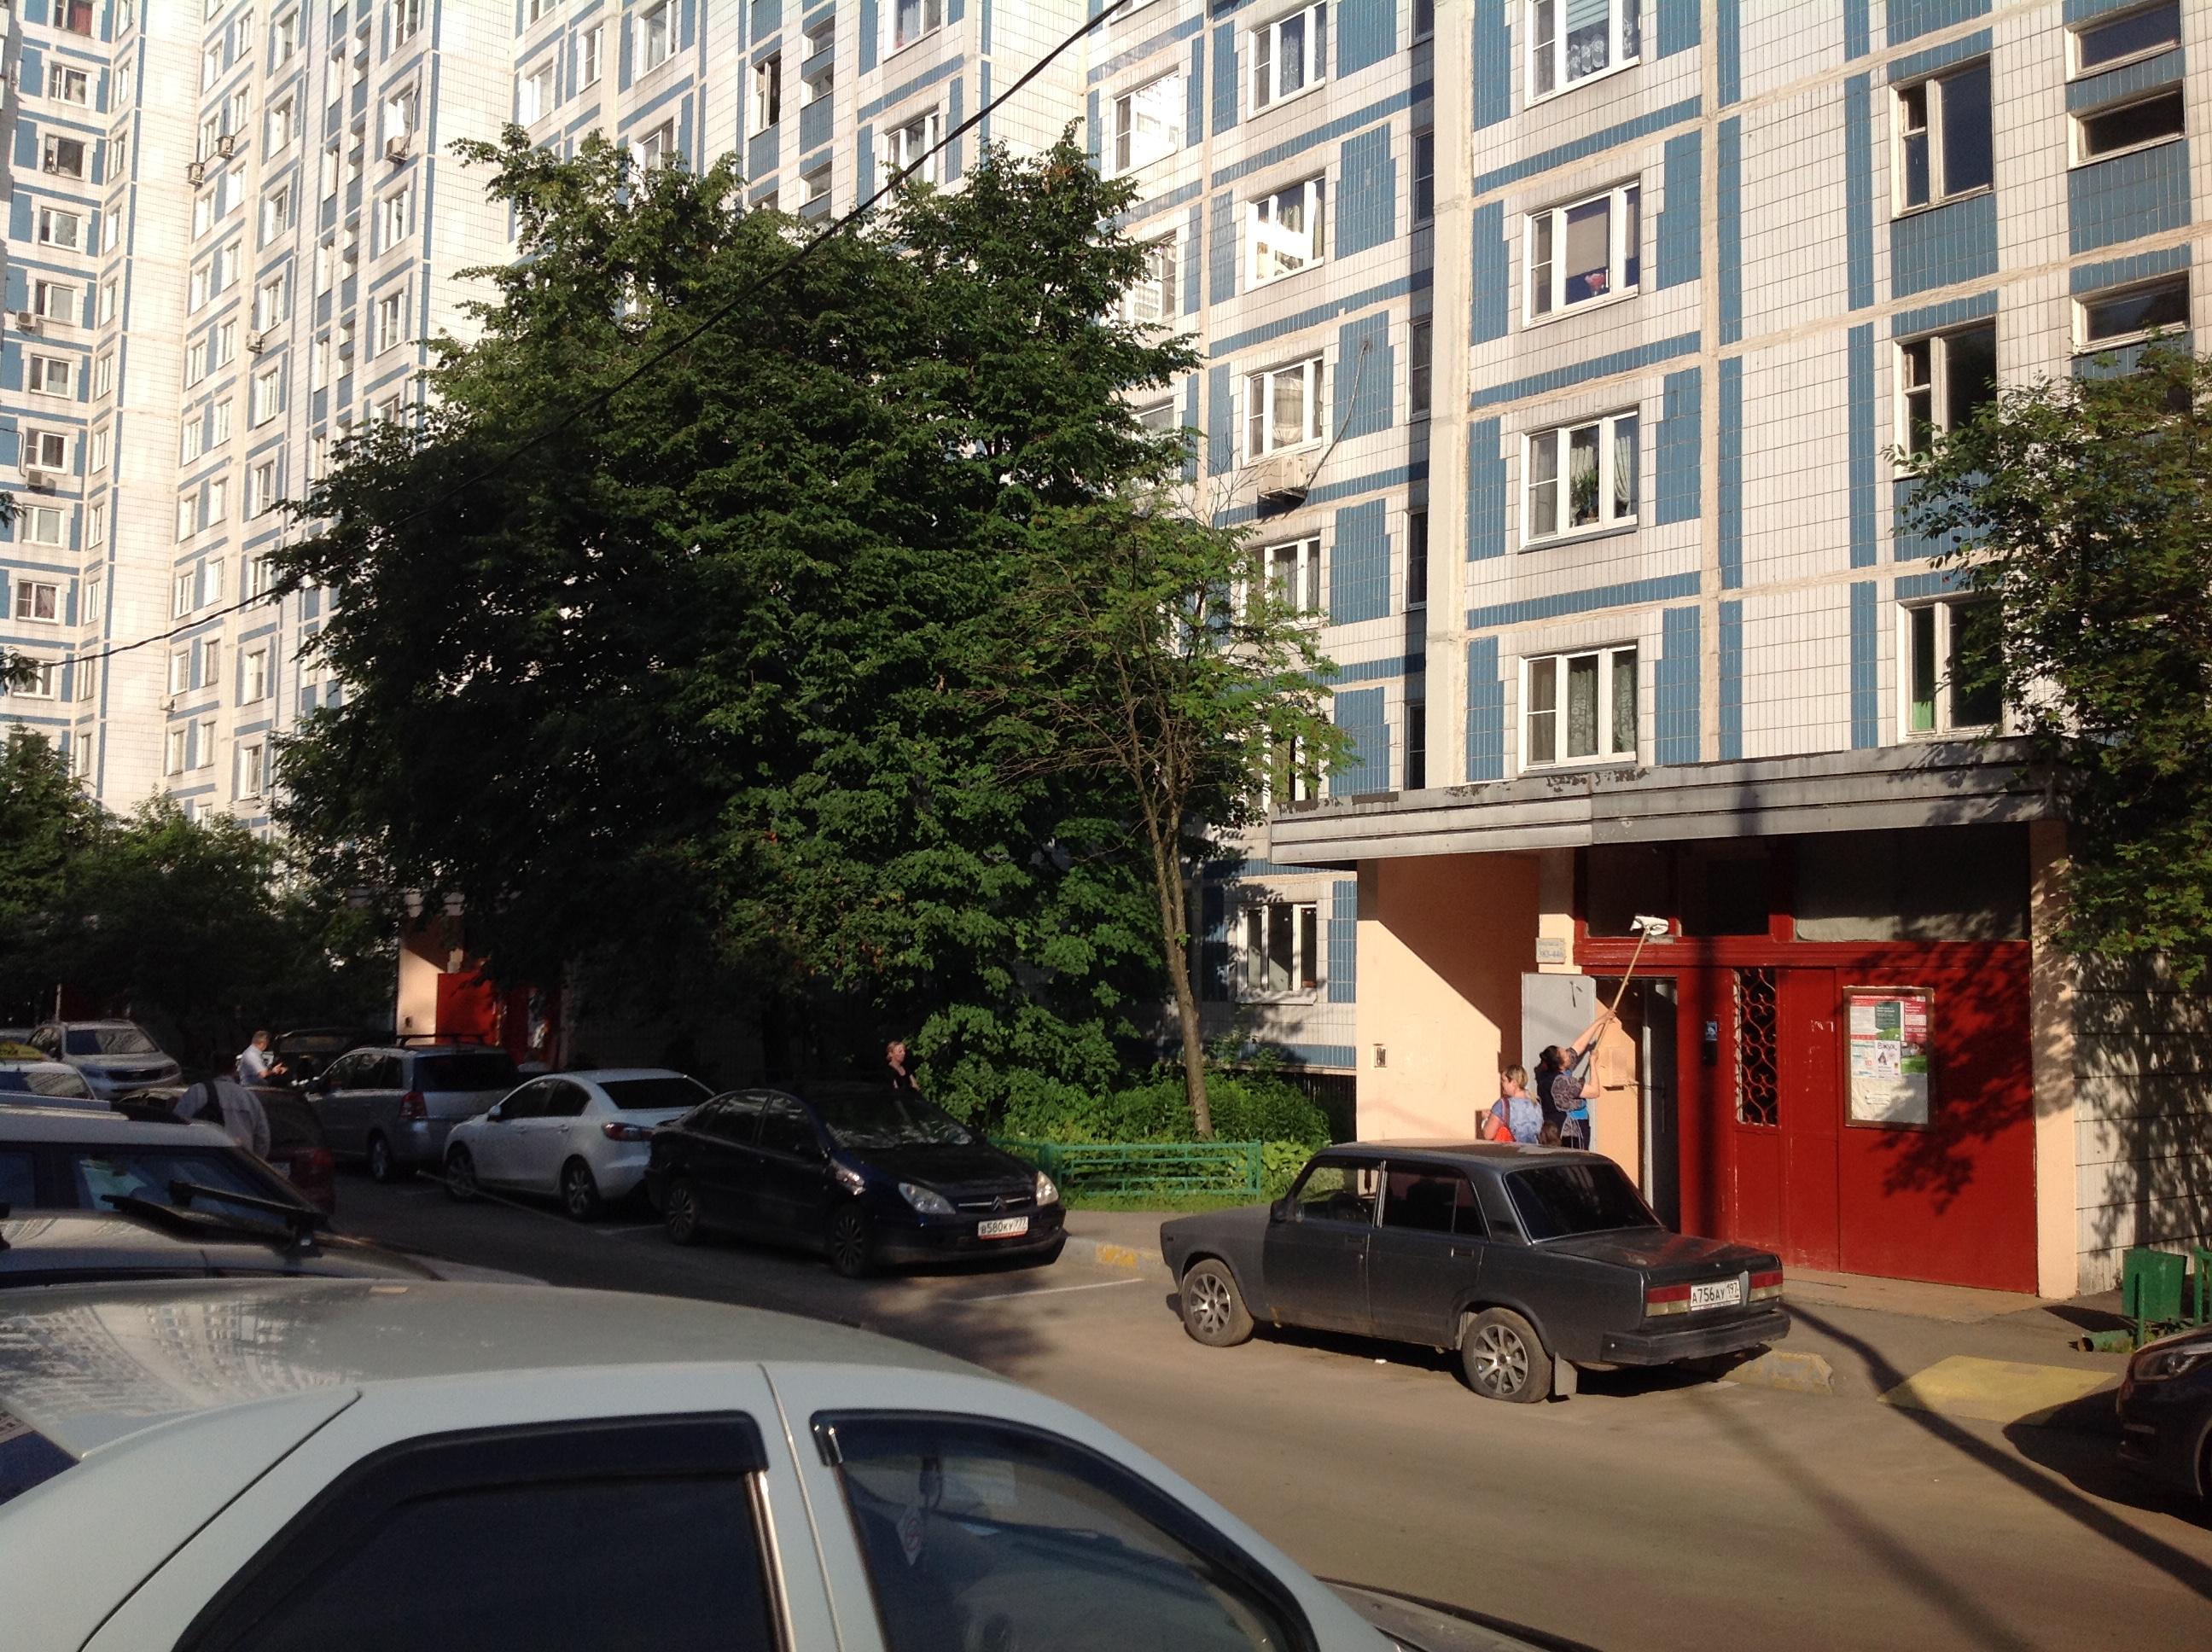 Студия за миллион г. москва, варшавское шоссе.